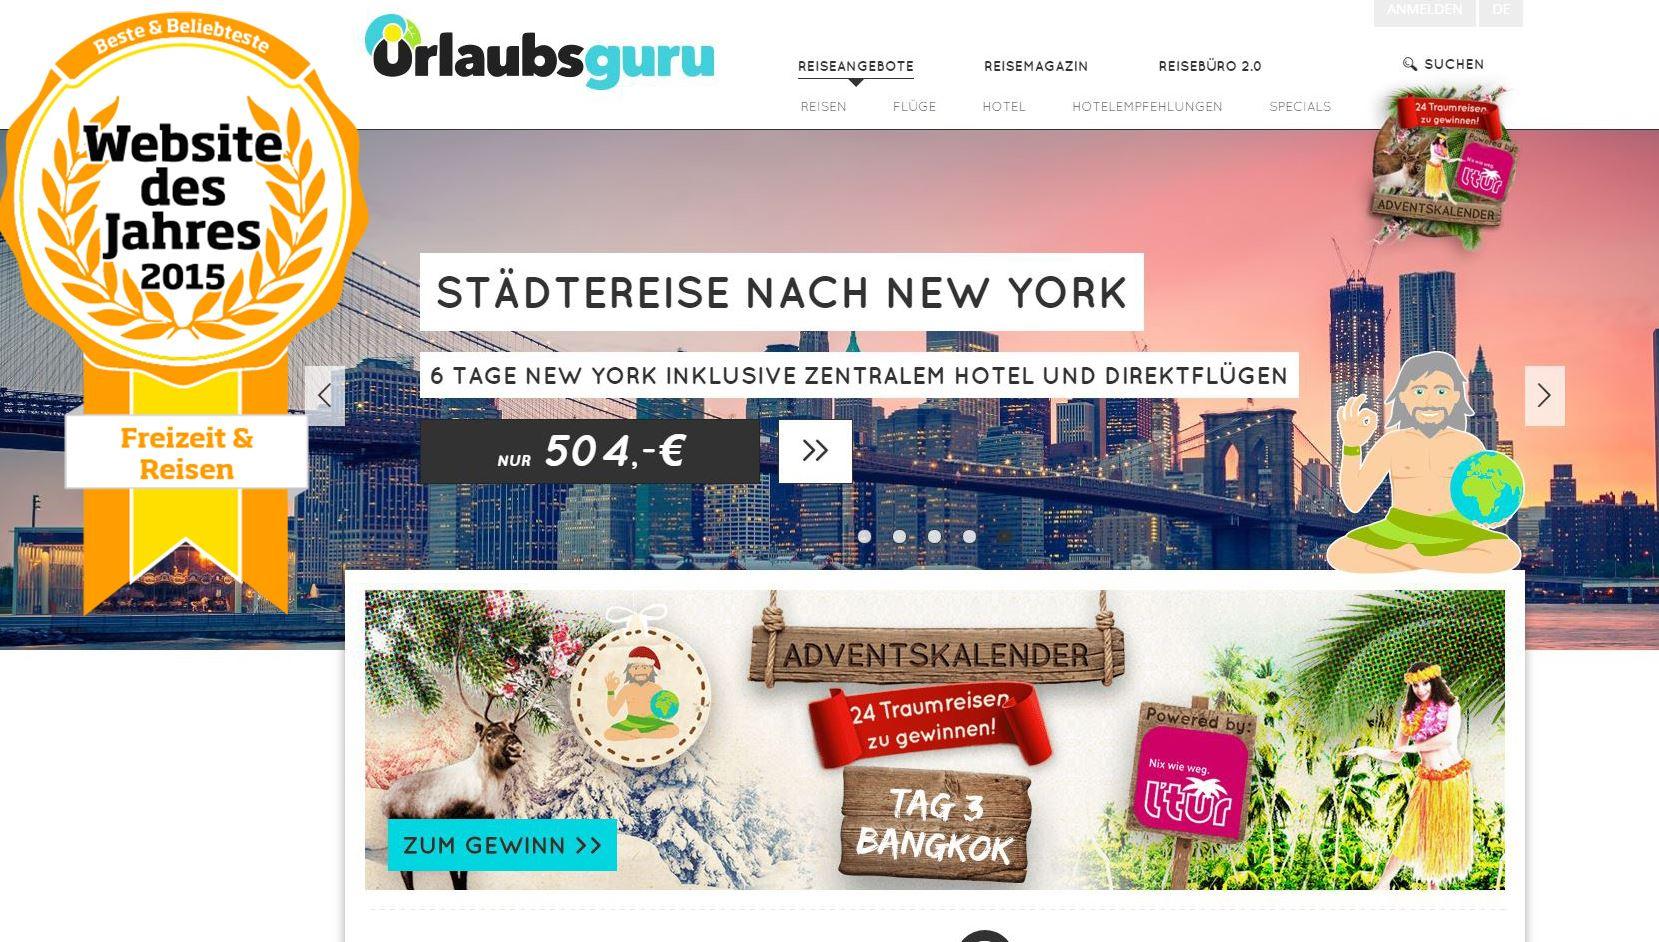 Zur besten und belibtesten Webseite Deutschlands 2015 gfewählt: der Internetaufttritt der Urlaubsgurus aus Holzwickede. (Screenshot)